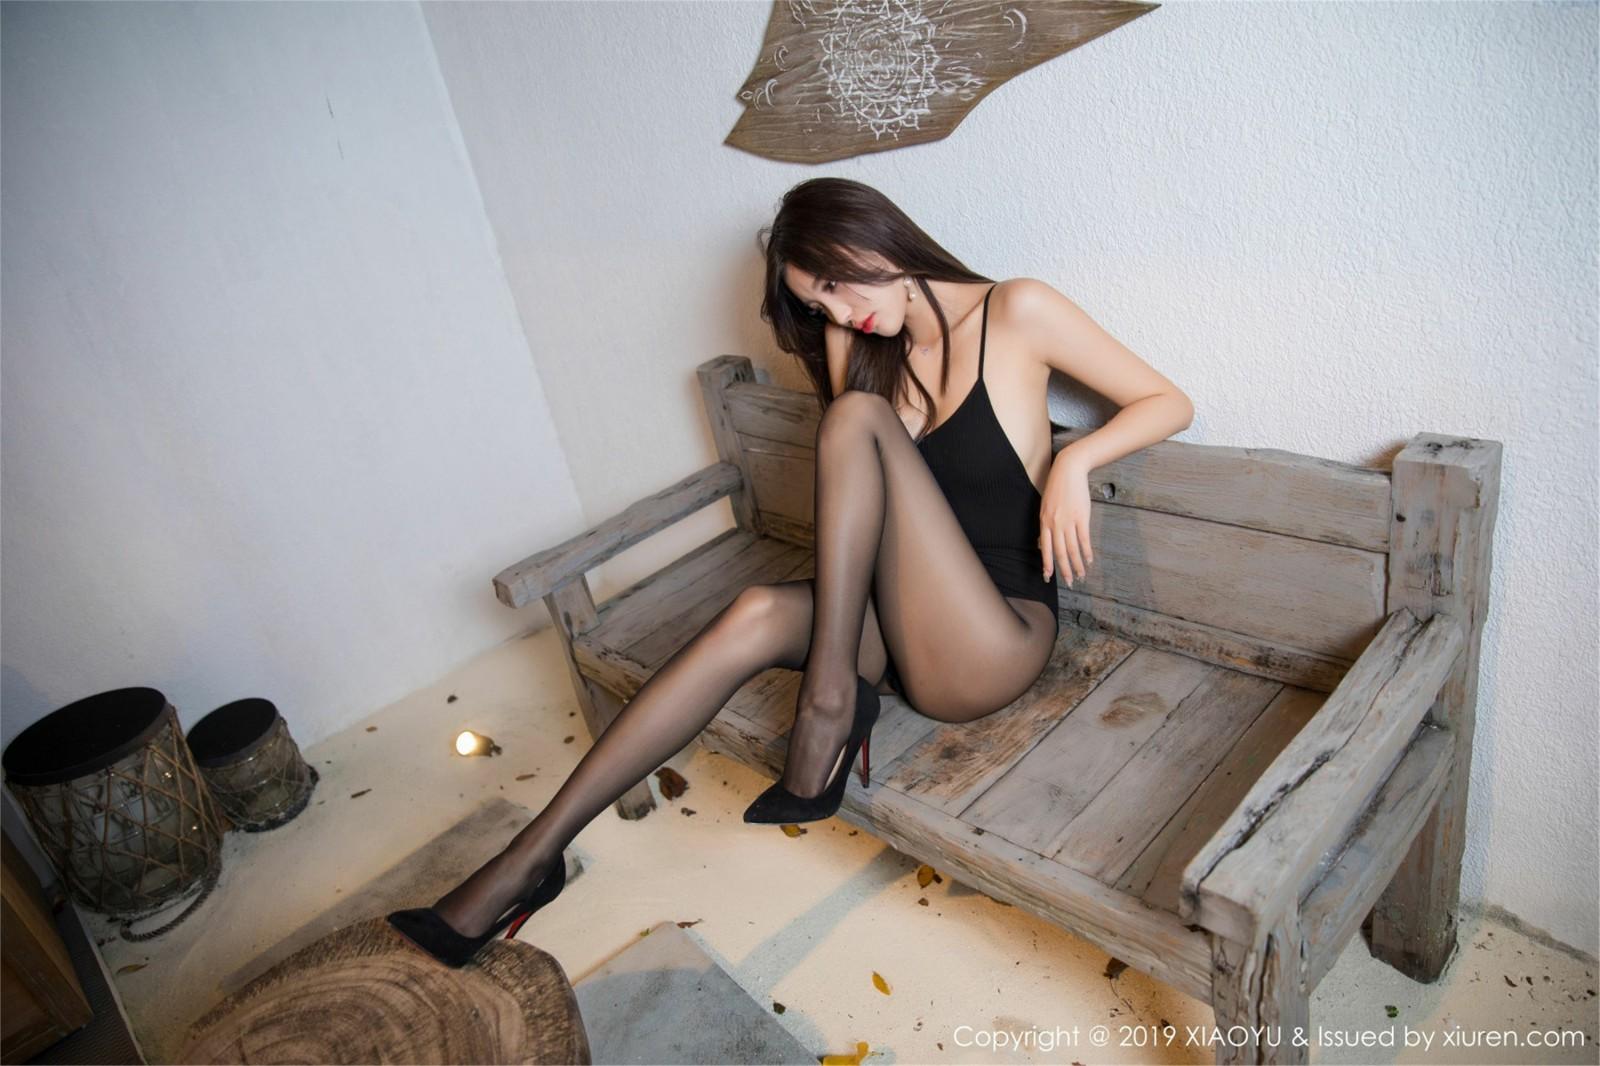 情趣內衣:拯救枯草乏味的性生活